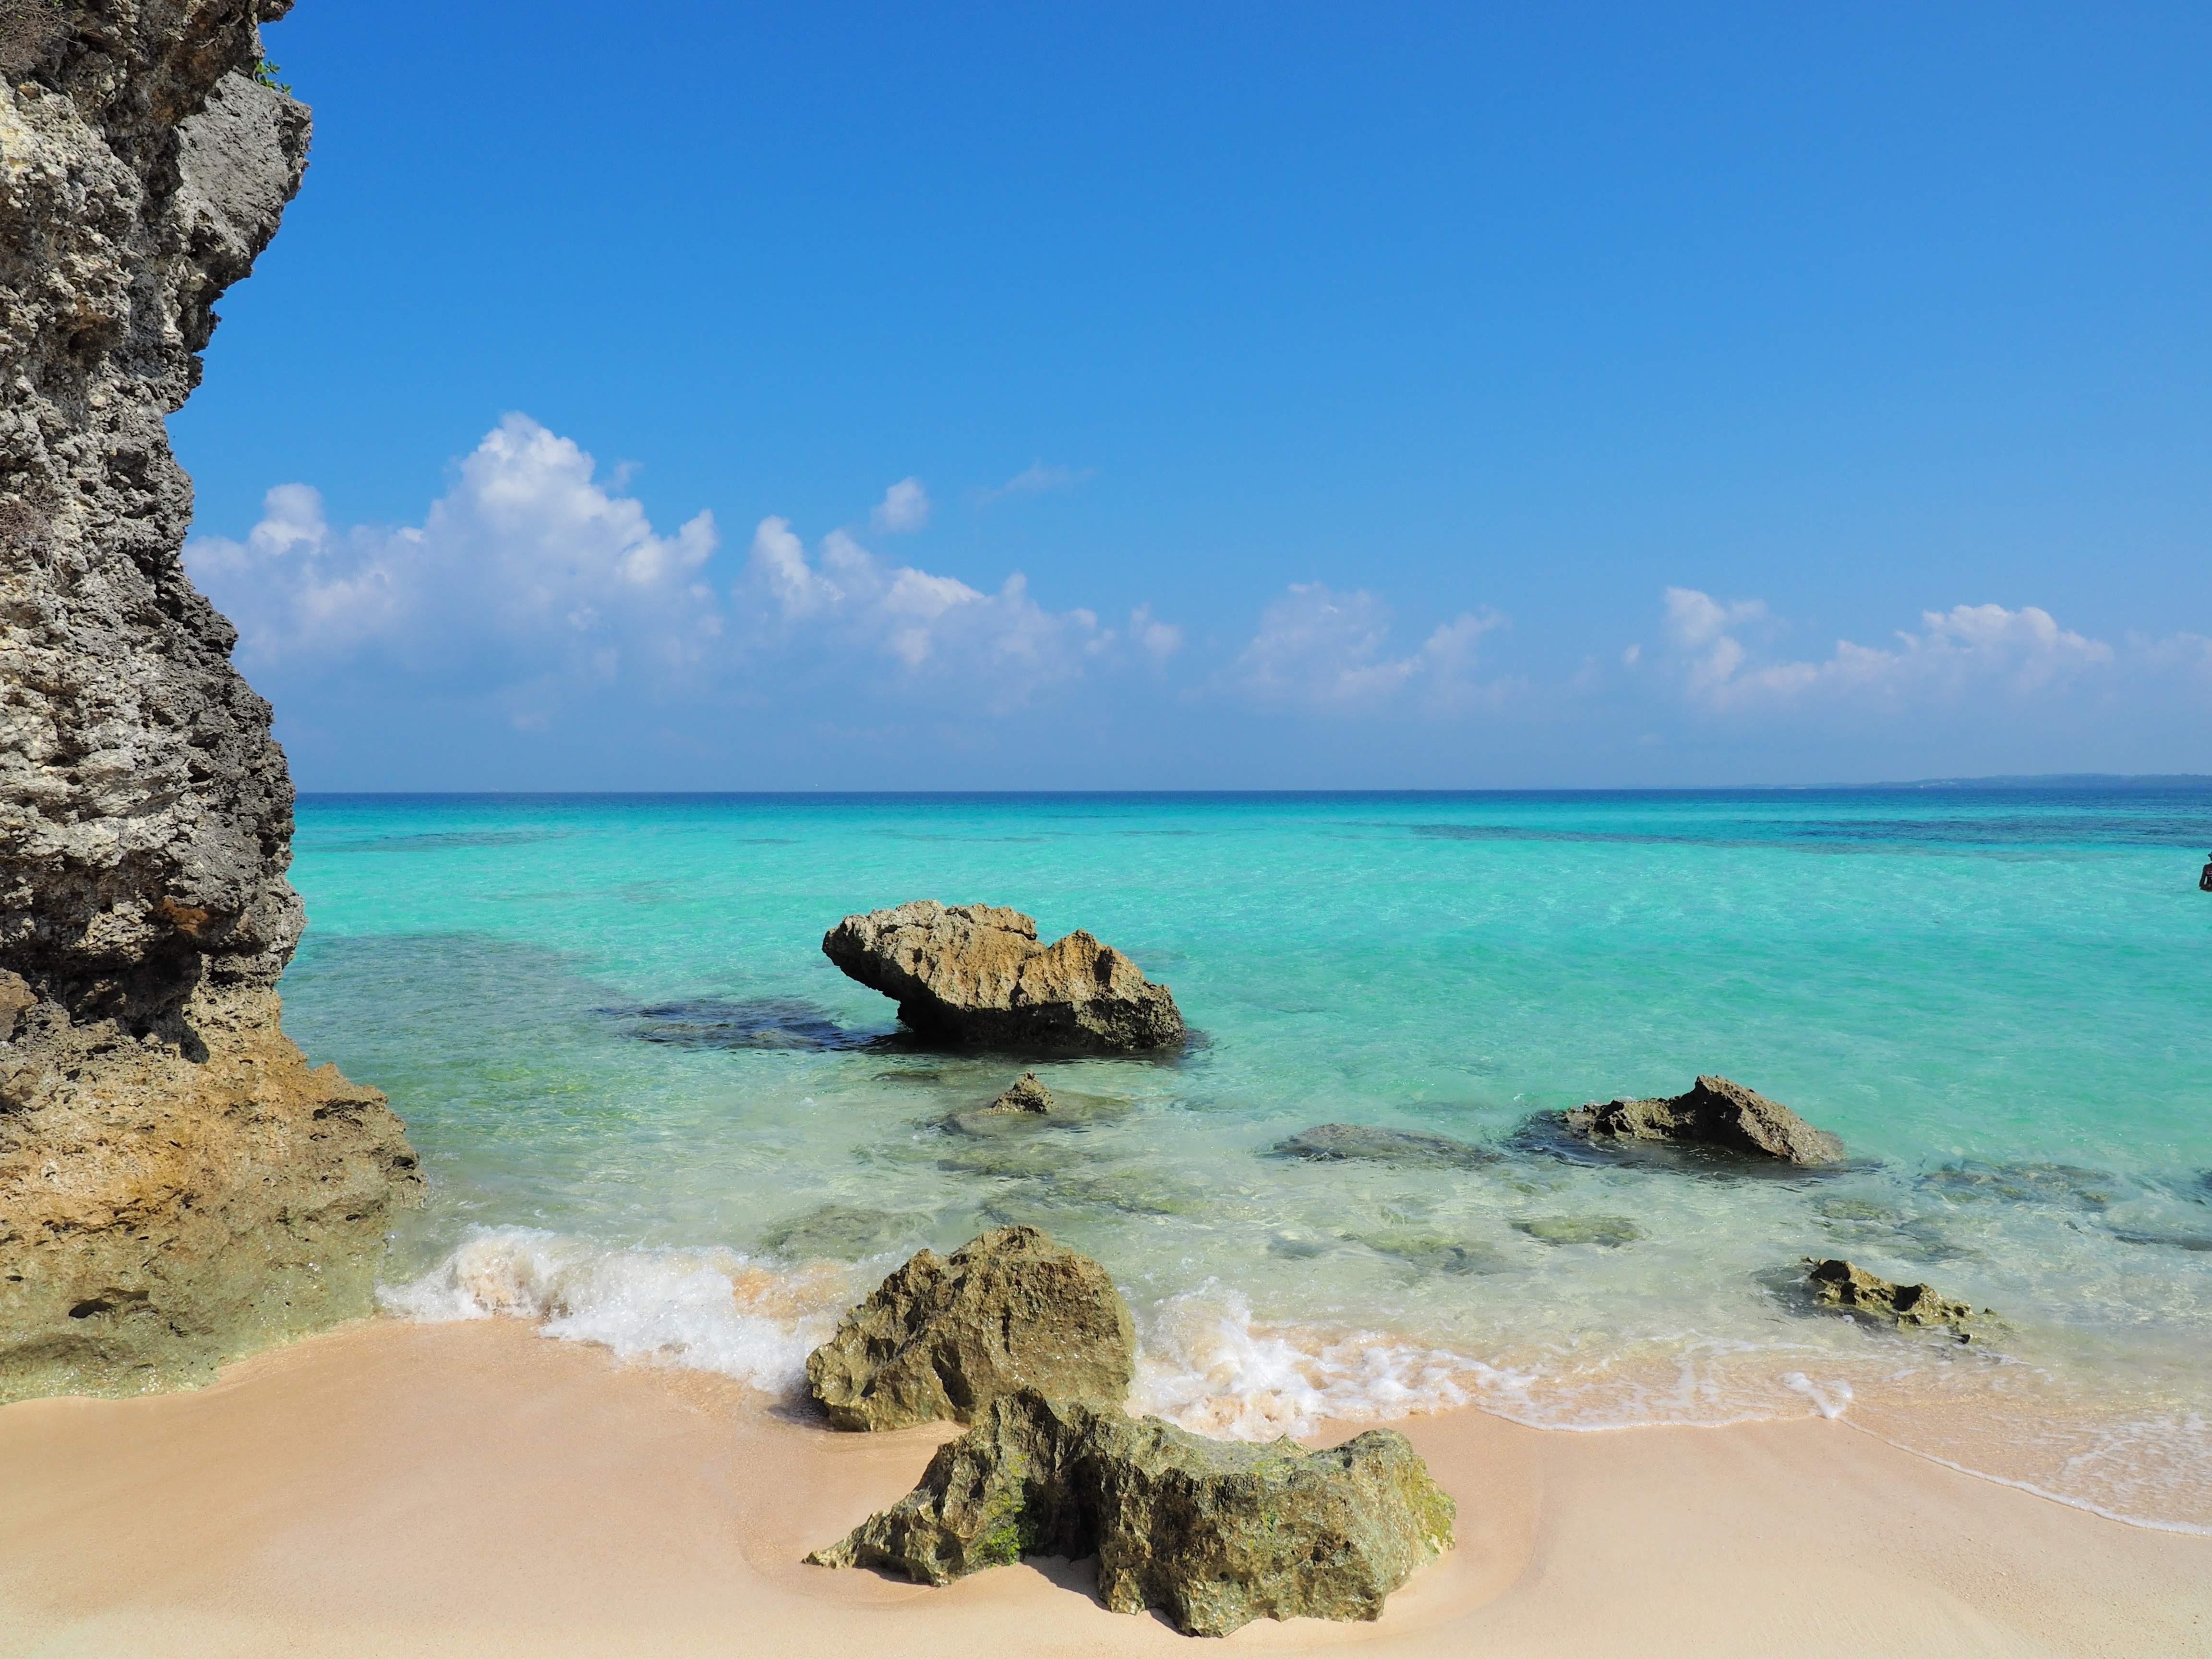 沖縄 宮古島一人旅 ー 砂山ビーチ 写真旅 一人旅の記録